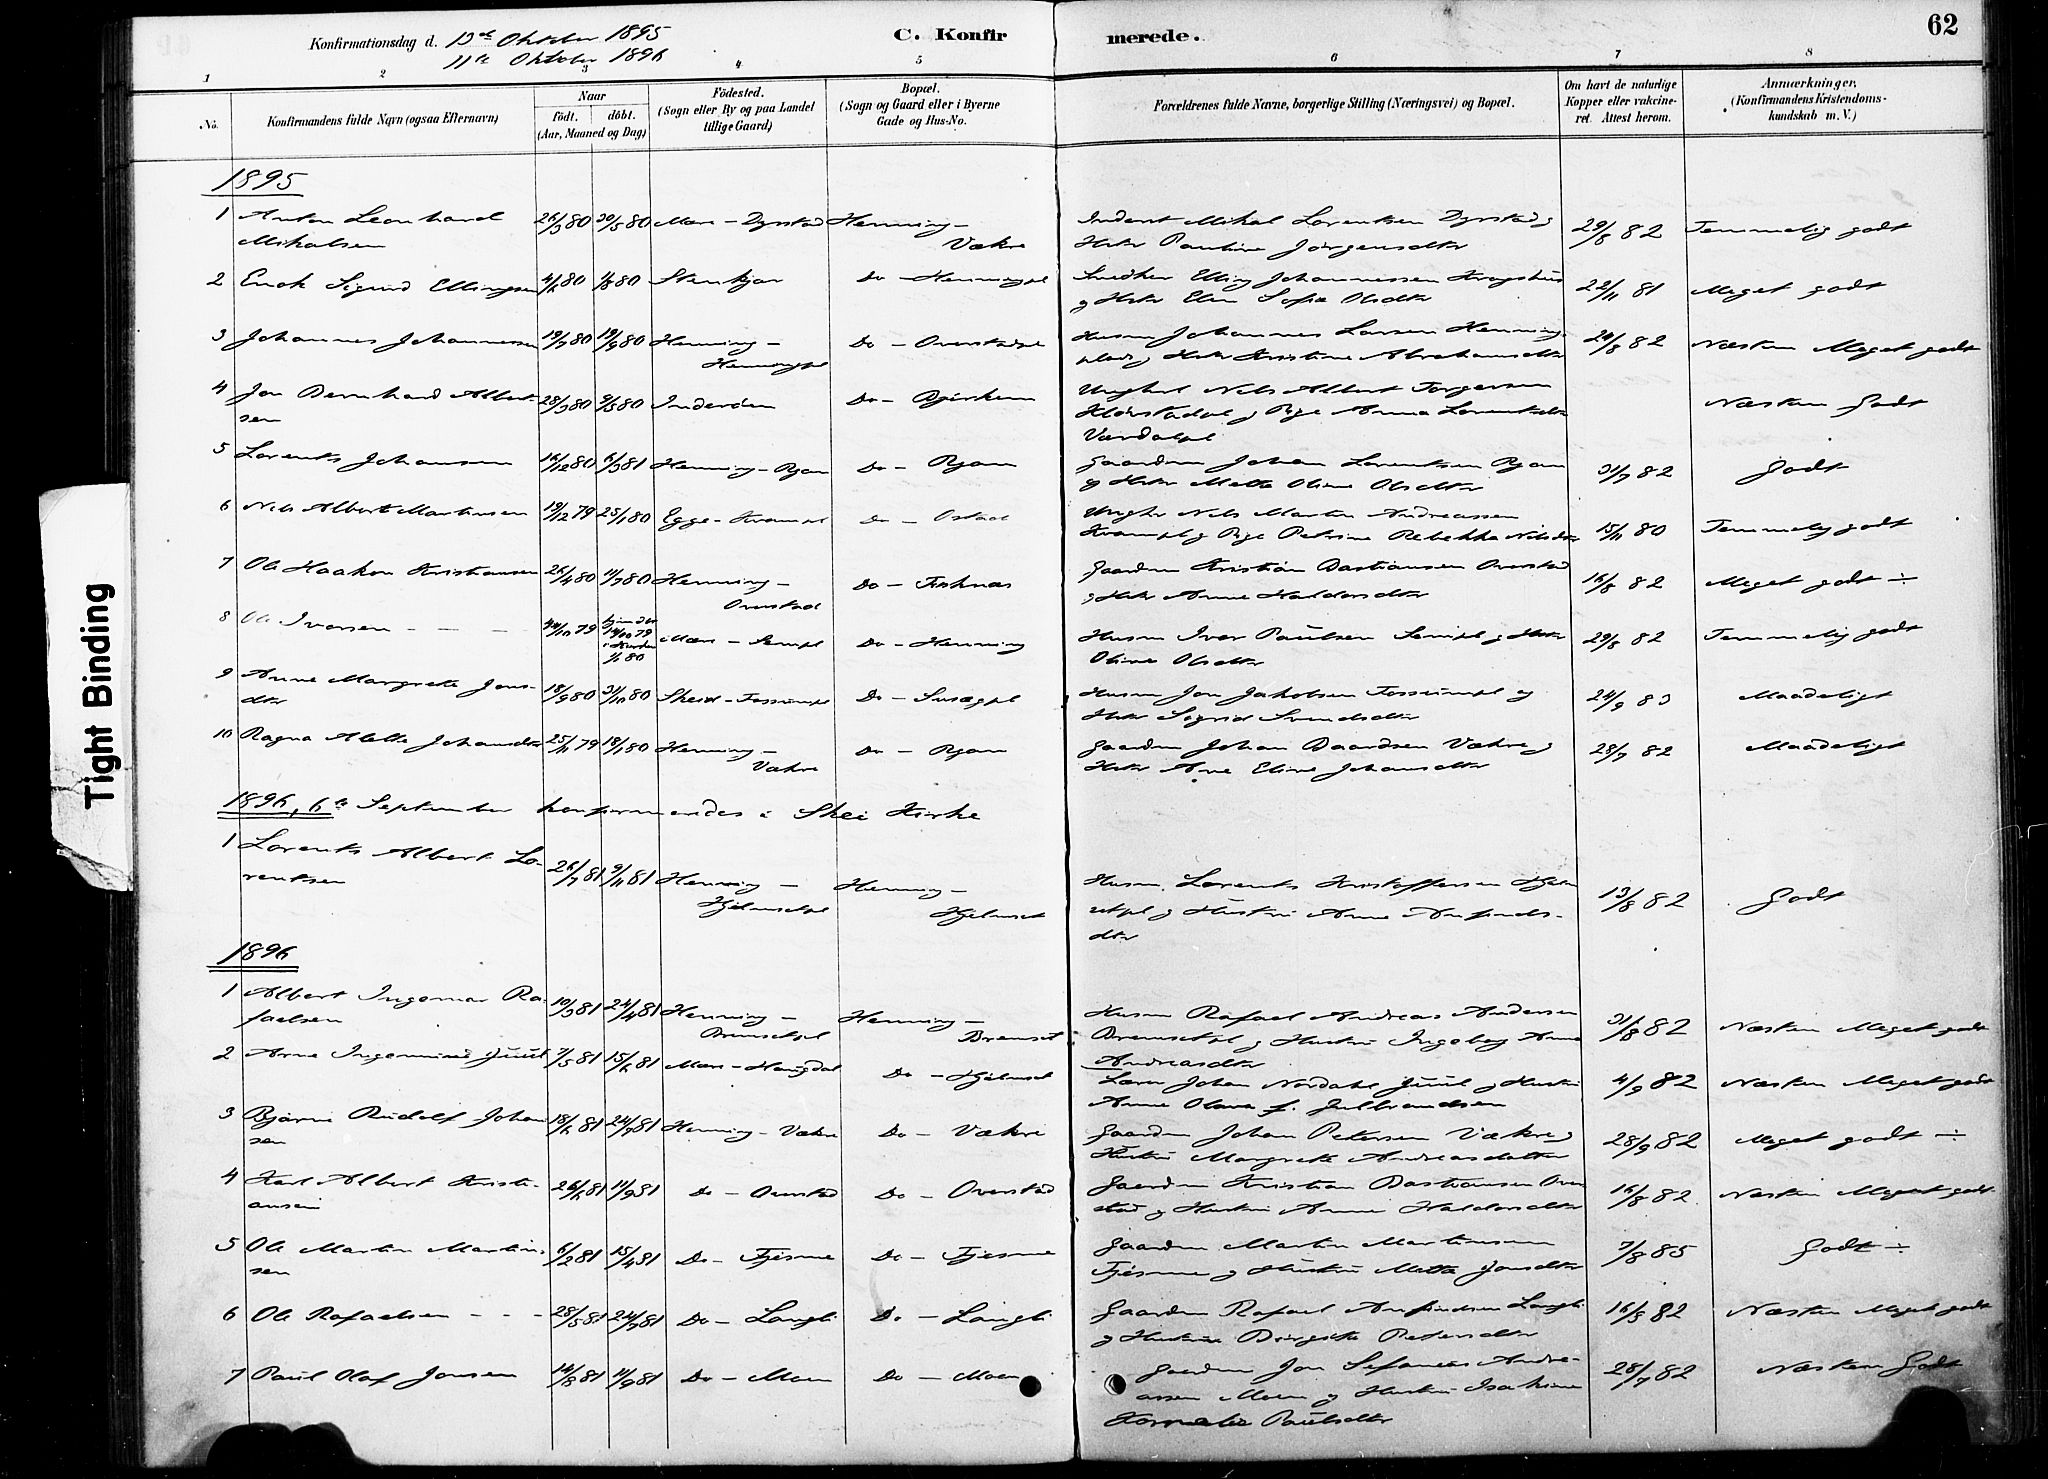 SAT, Ministerialprotokoller, klokkerbøker og fødselsregistre - Nord-Trøndelag, 738/L0364: Ministerialbok nr. 738A01, 1884-1902, s. 62